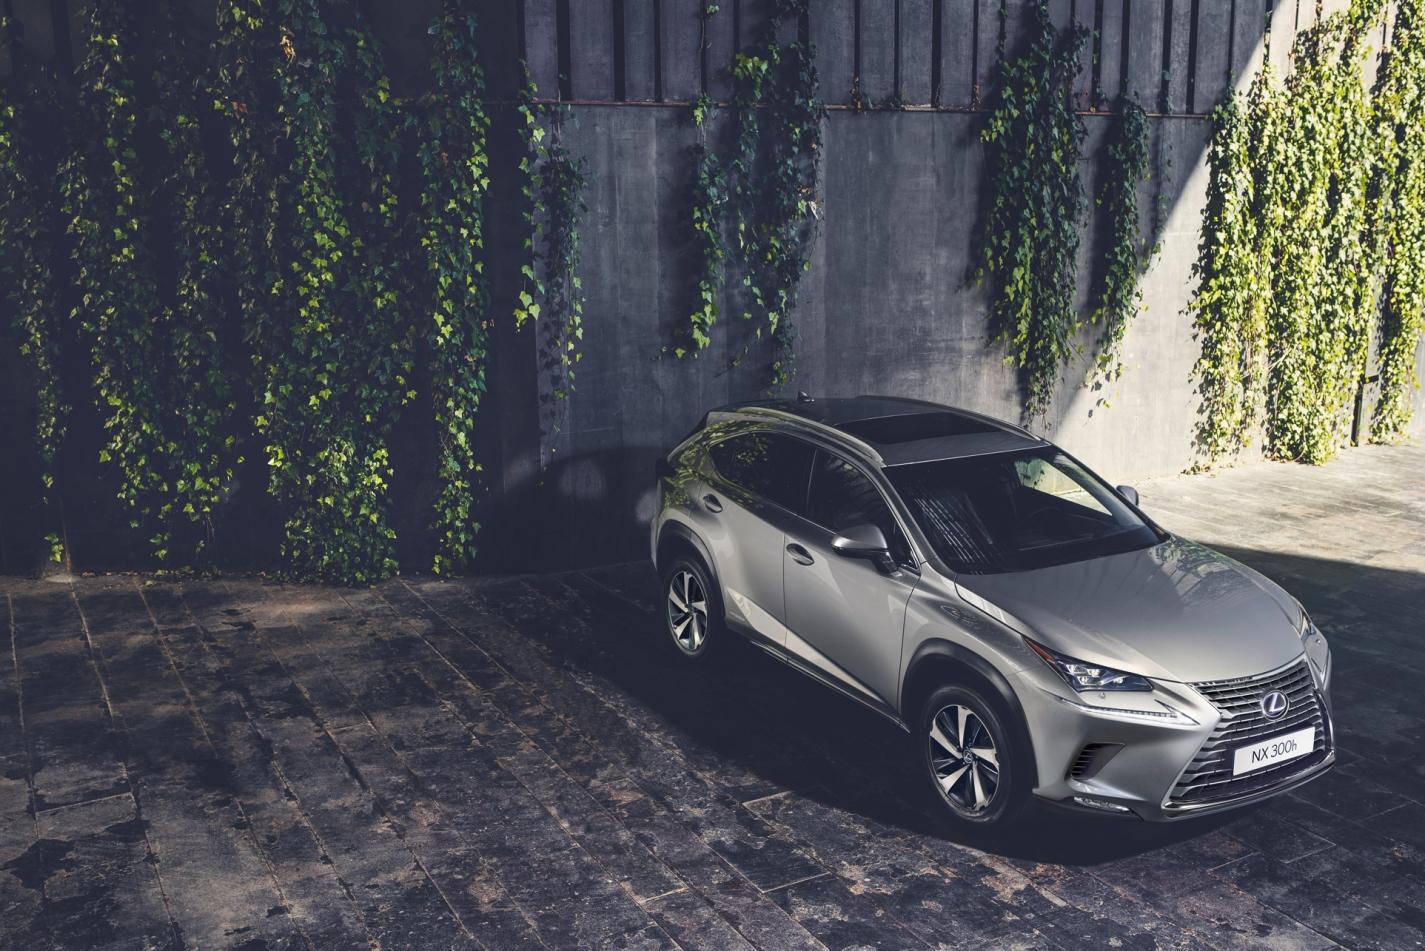 На предстоящем Франкфуртском международном автосалоне состоится европейская премьера обновленного премиального городского кроссовера Lexus NX